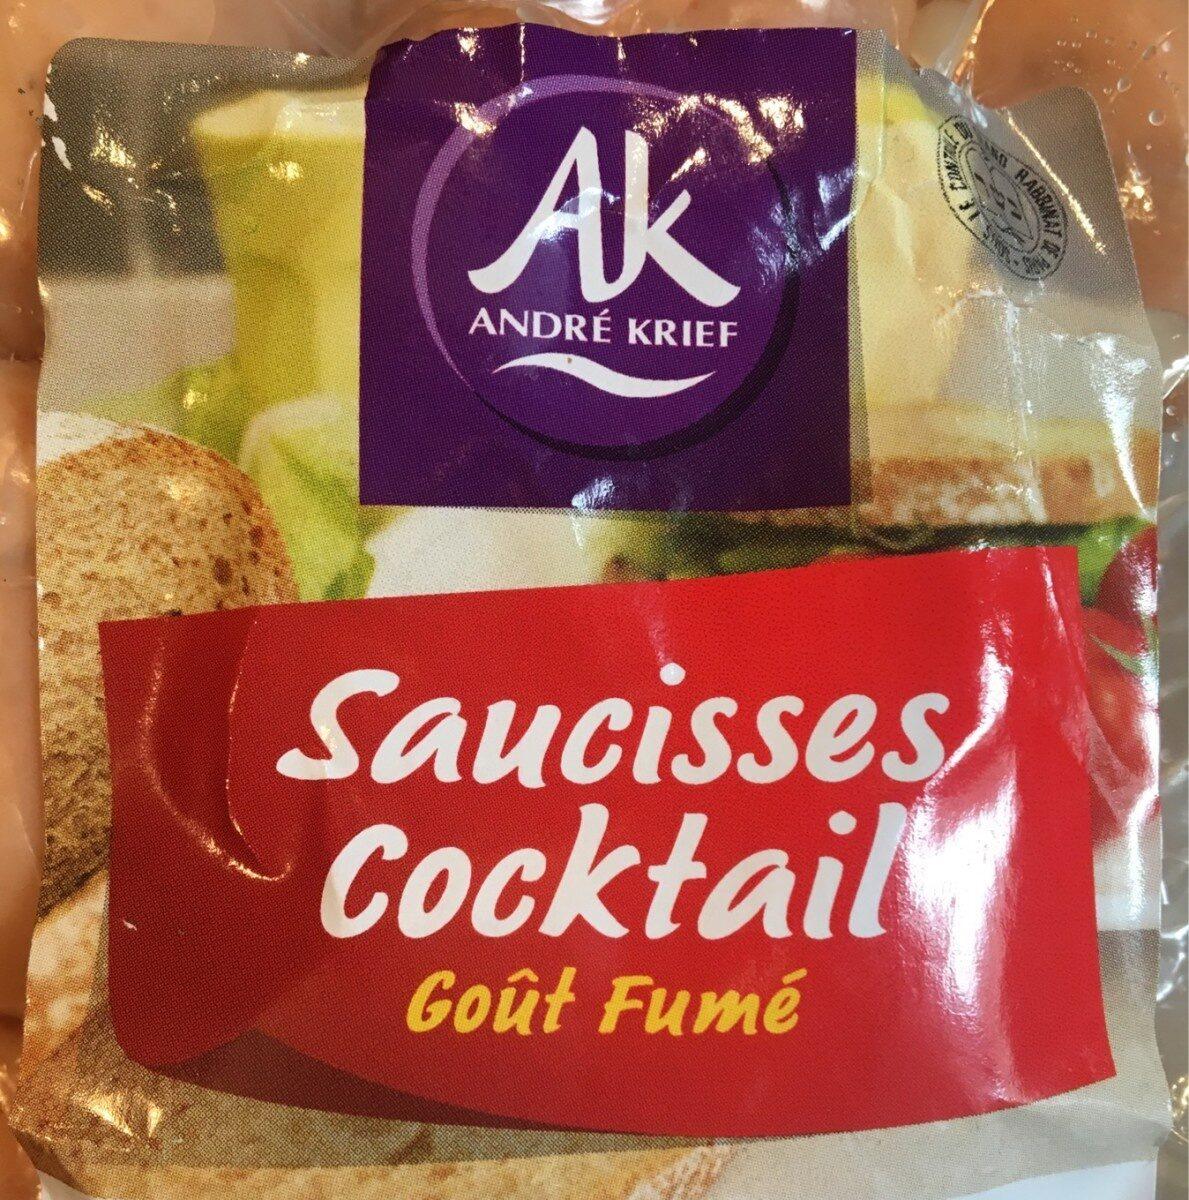 Saucisses cocktail gout fumé - Produit - fr